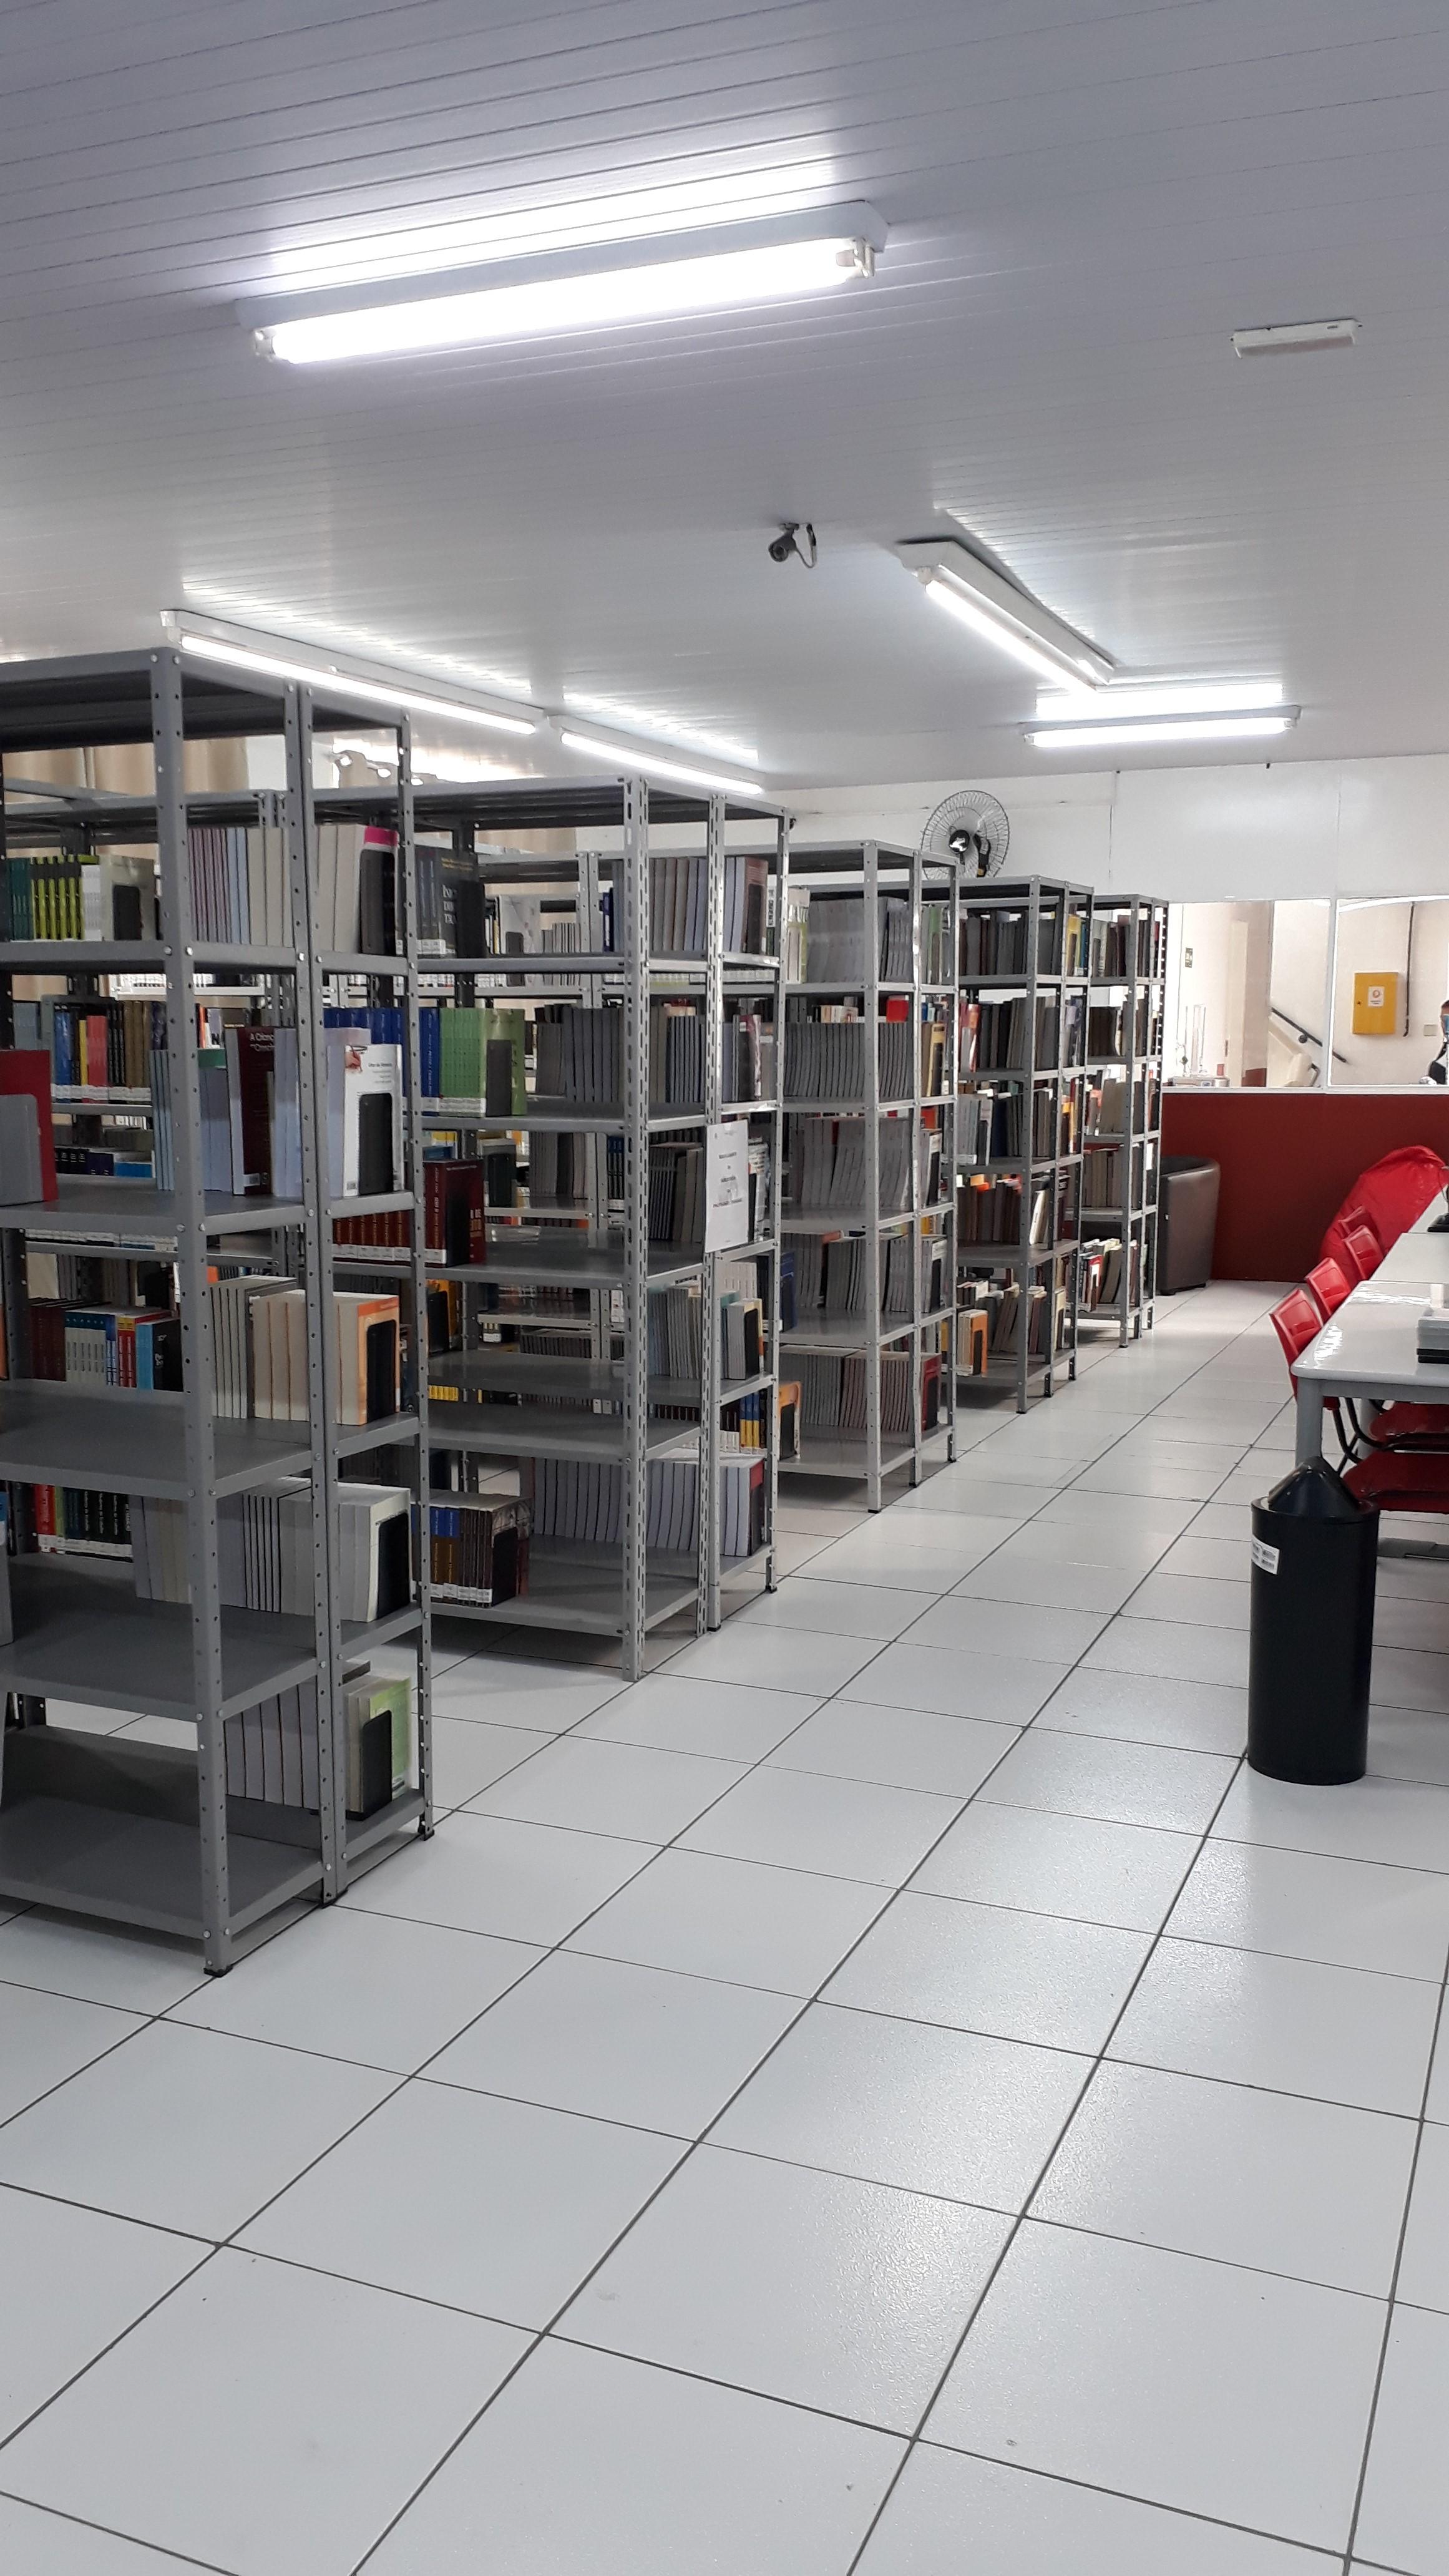 20190805_084322 Biblioteca